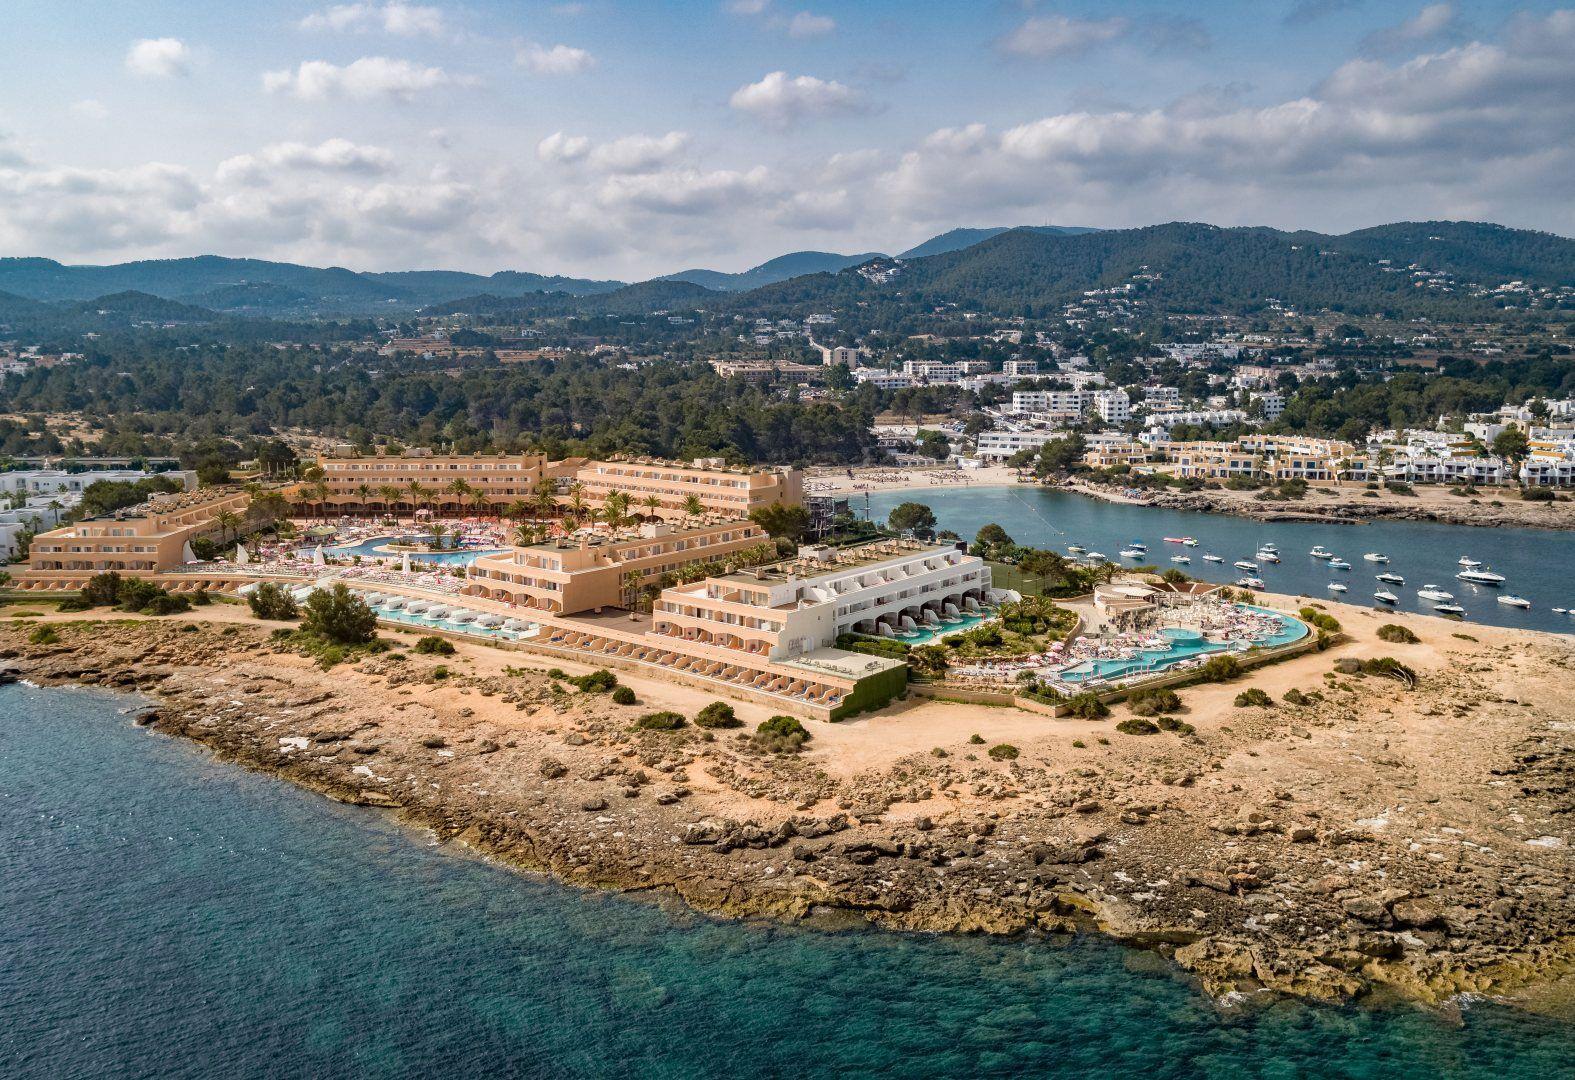 Instalaciones del hotel Sirenis Seaview Country Club y playa de Port d'es Torrent al fondo, Ibiza